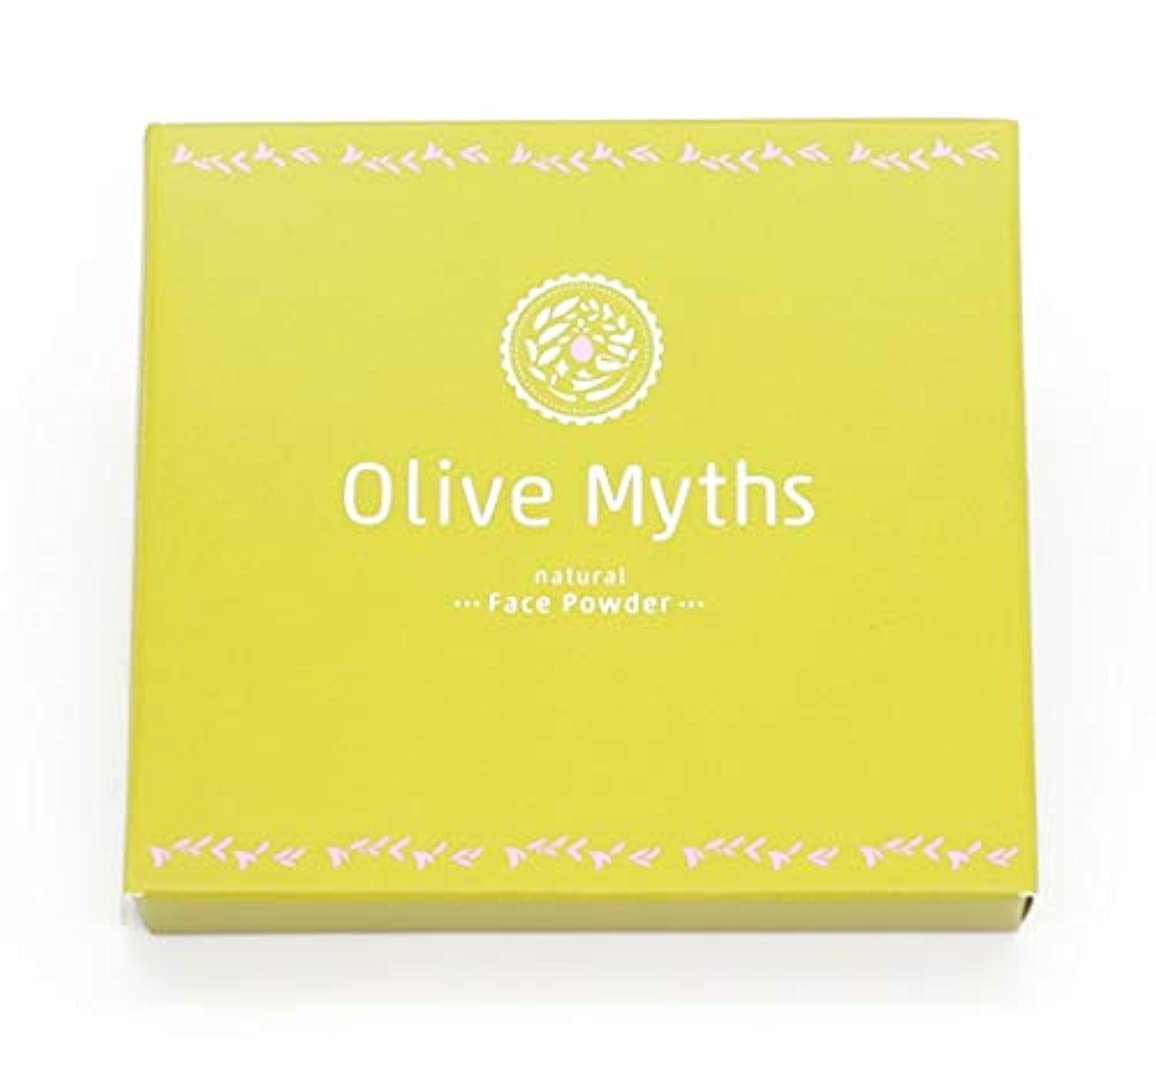 暖かさ立ち向かうのれんmaestria. OliveMyths 『Myths ナチュラルパウダーファンデーション(サンカット)』 レフィル11g